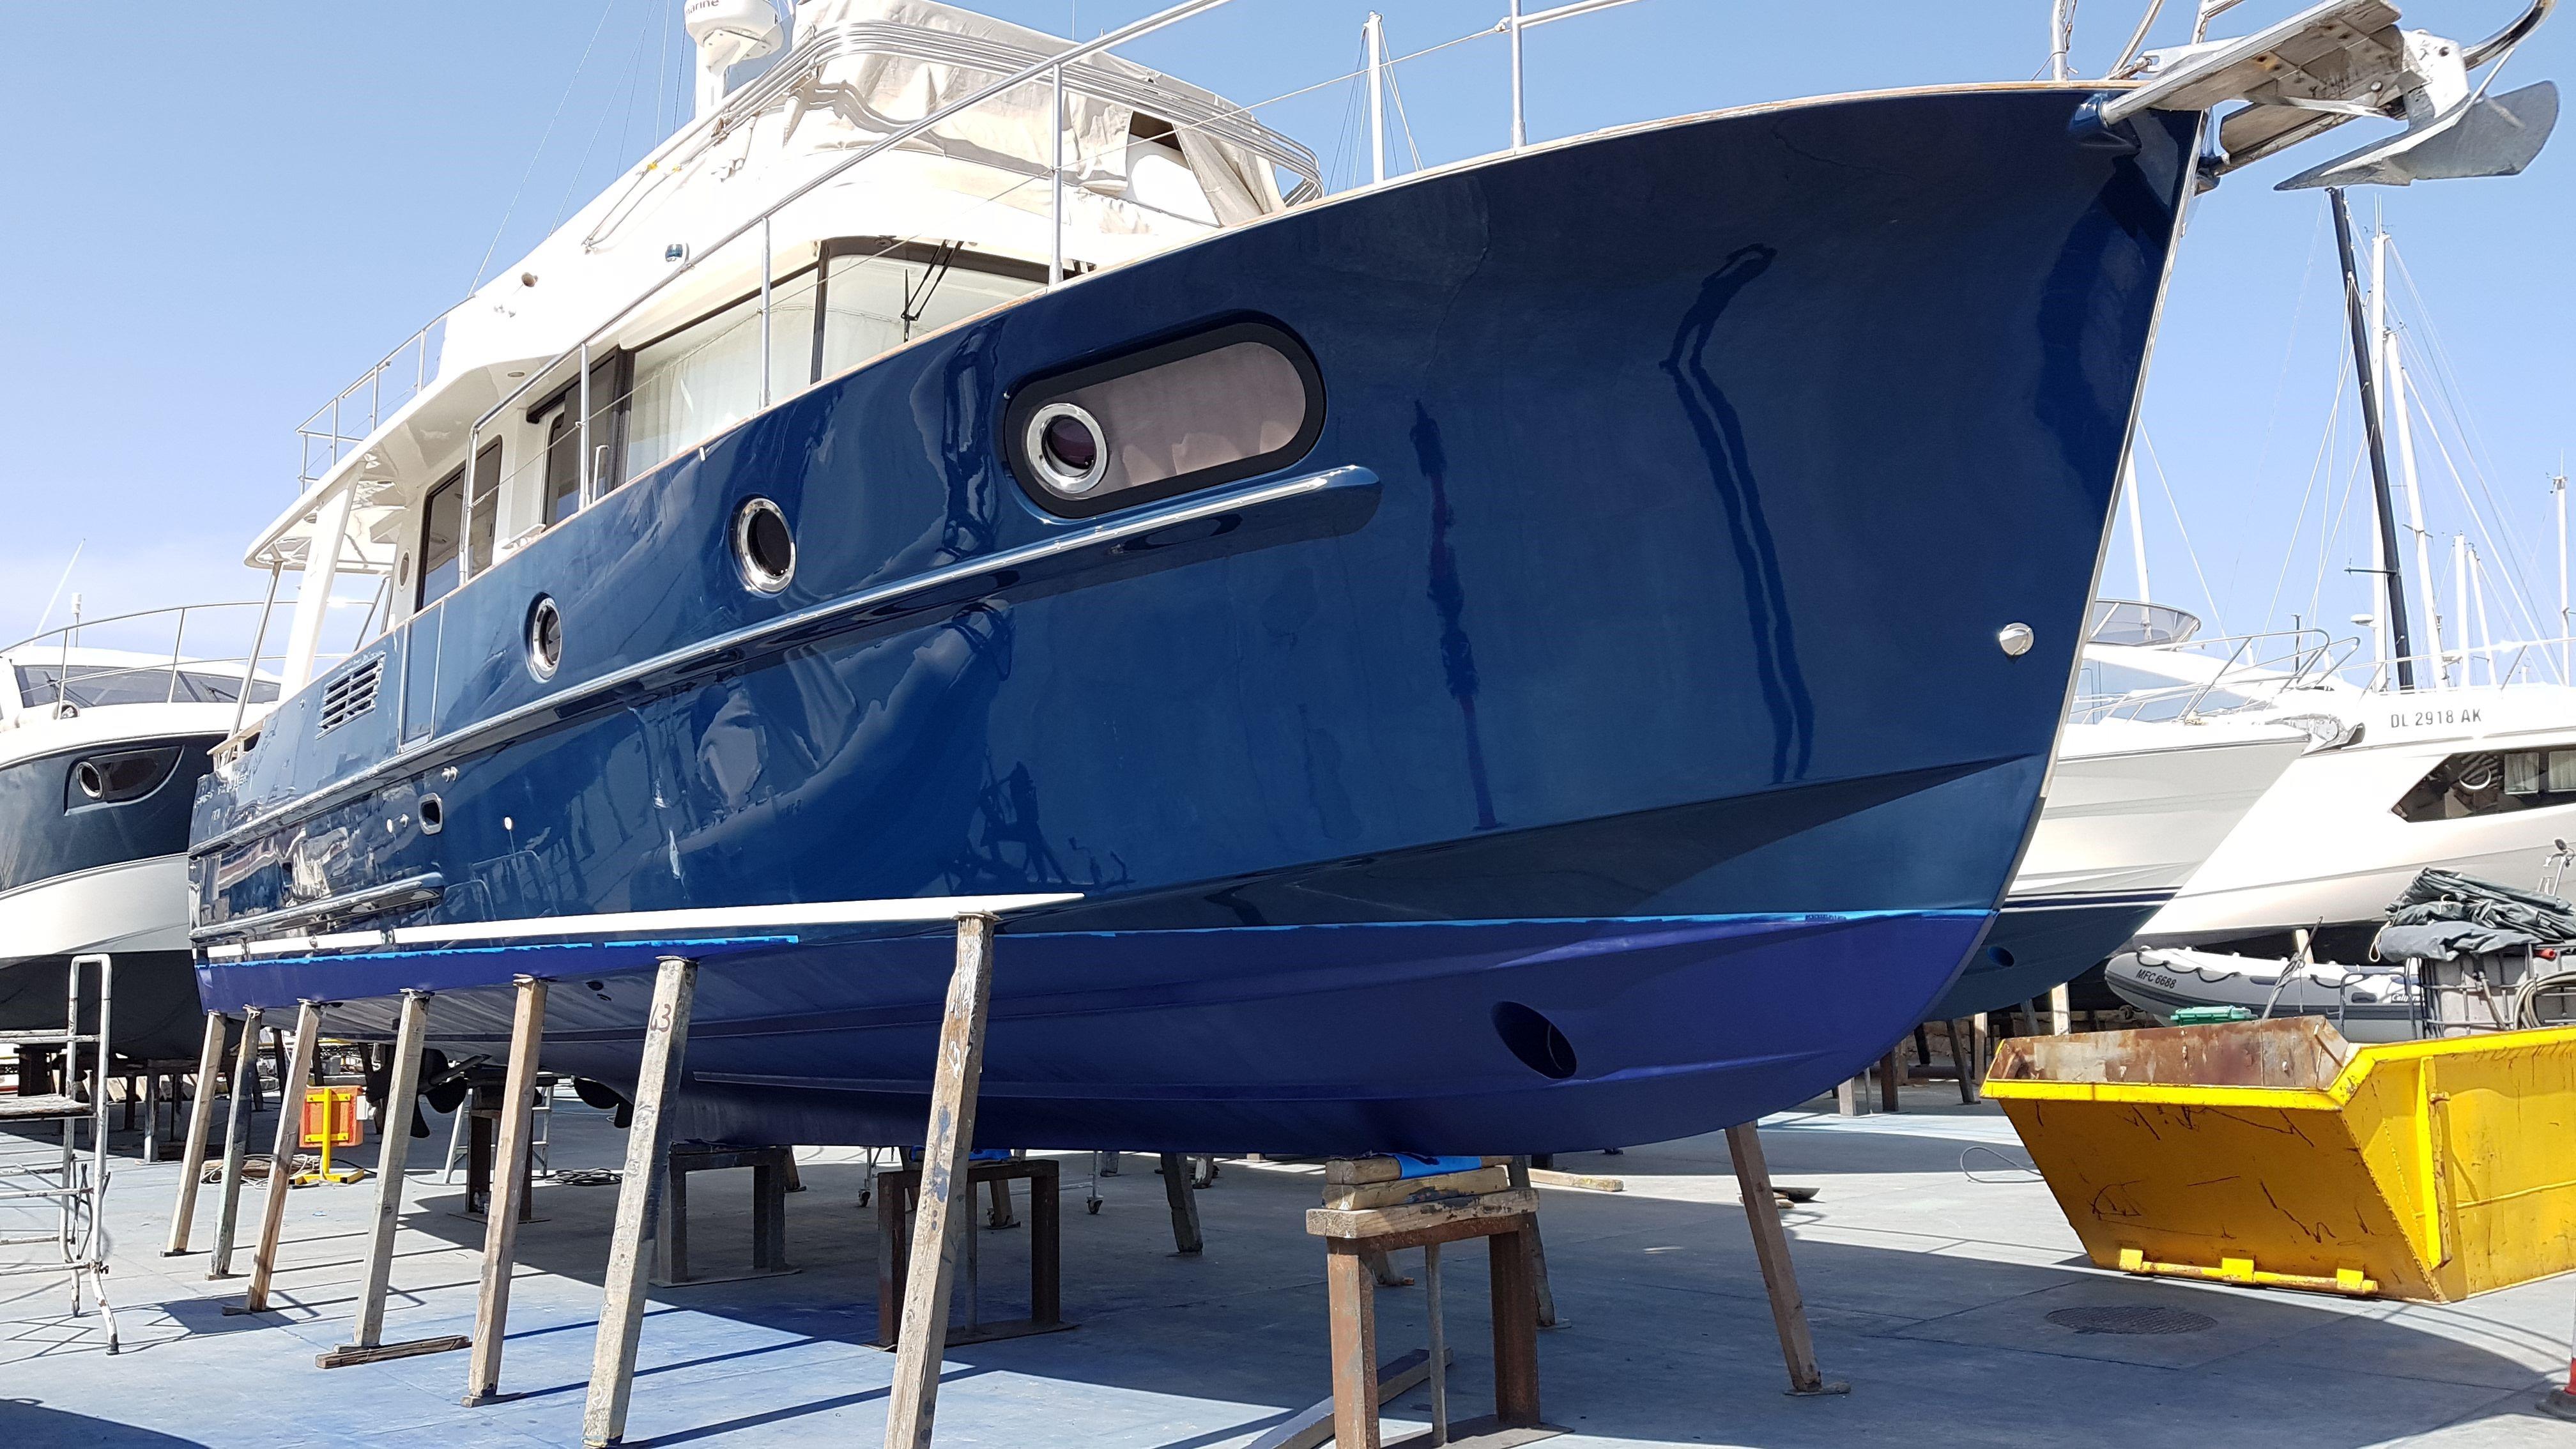 Beneteau Swift Trawler 44 Beneteau Swift Trawler 44 for sale